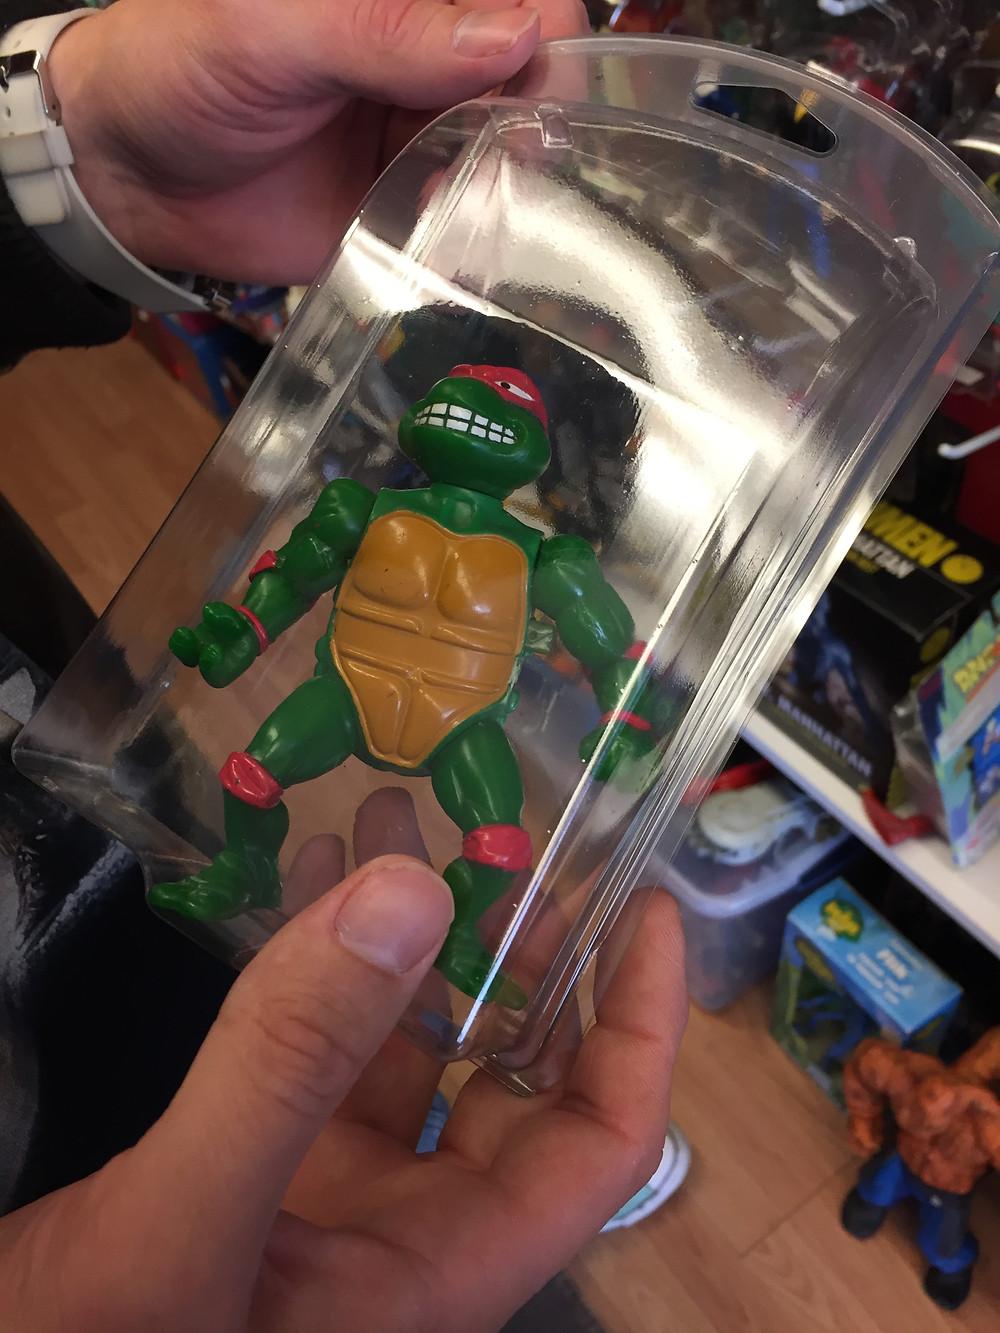 Raphael TMNT Teenage Mutant Ninja Turtles.